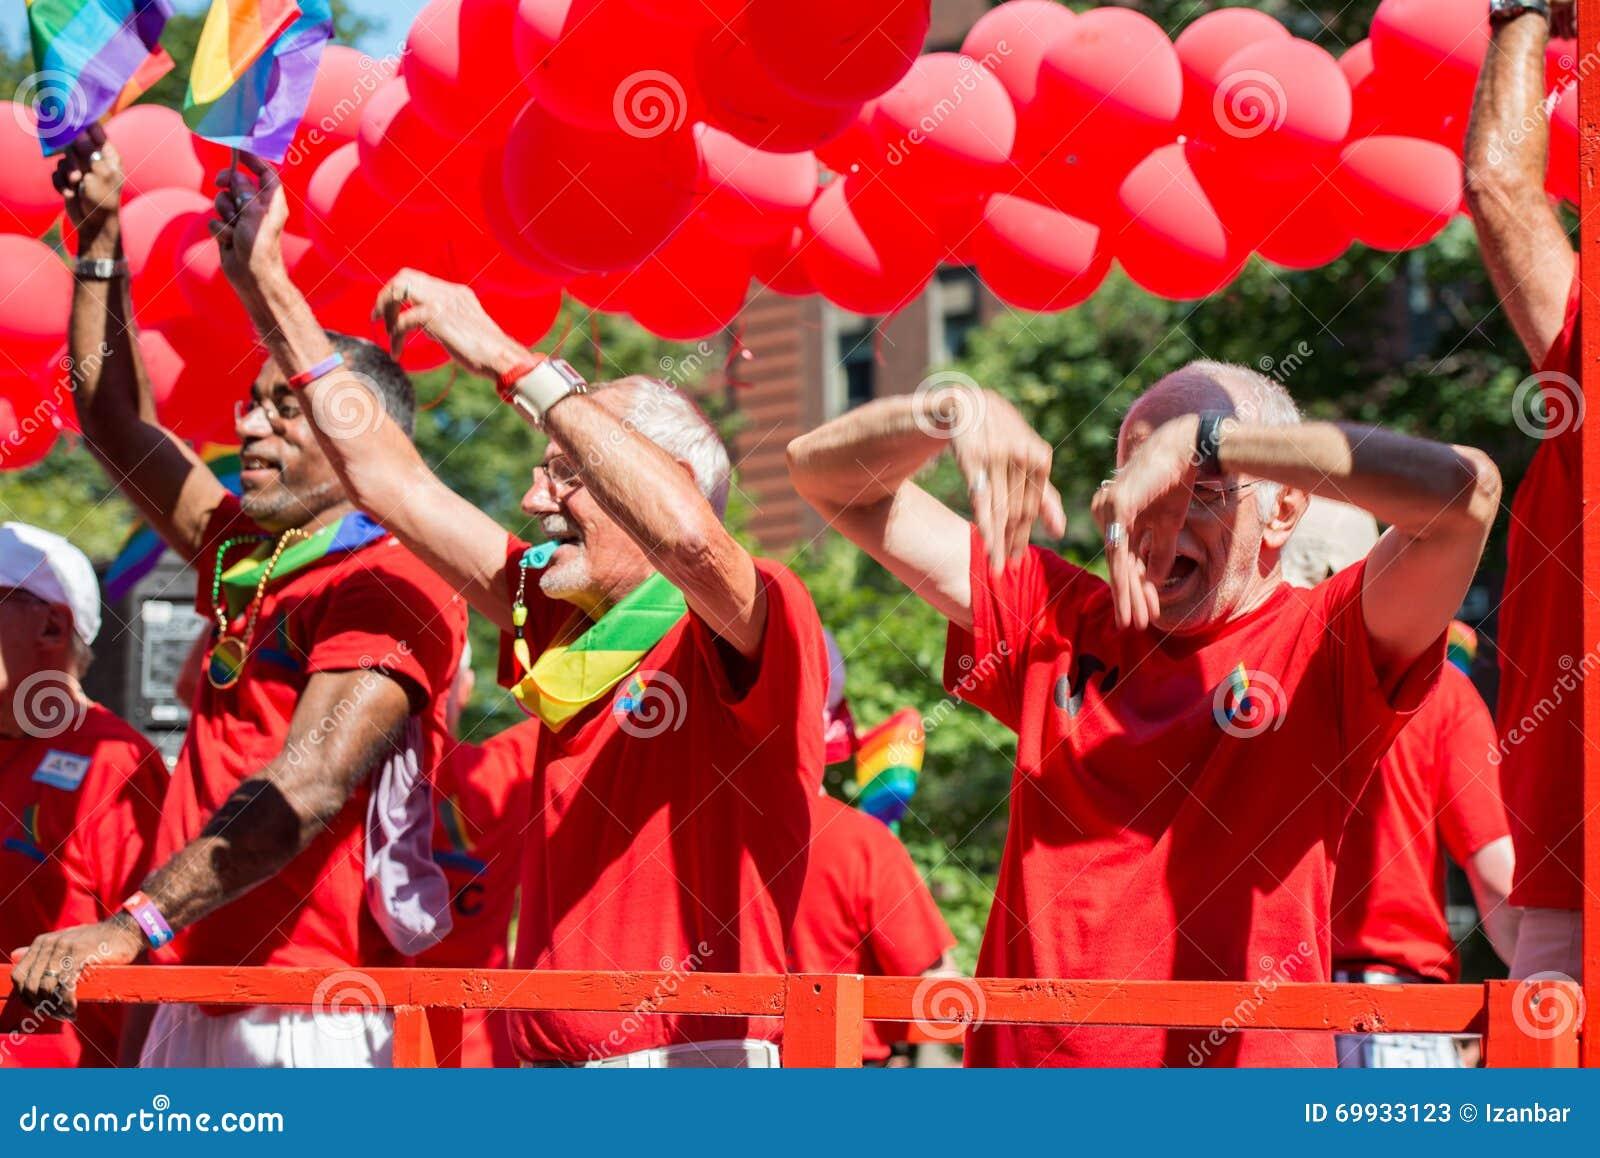 Défilé de la fierté LGBT / Gay Pride Parade - Montréal - a